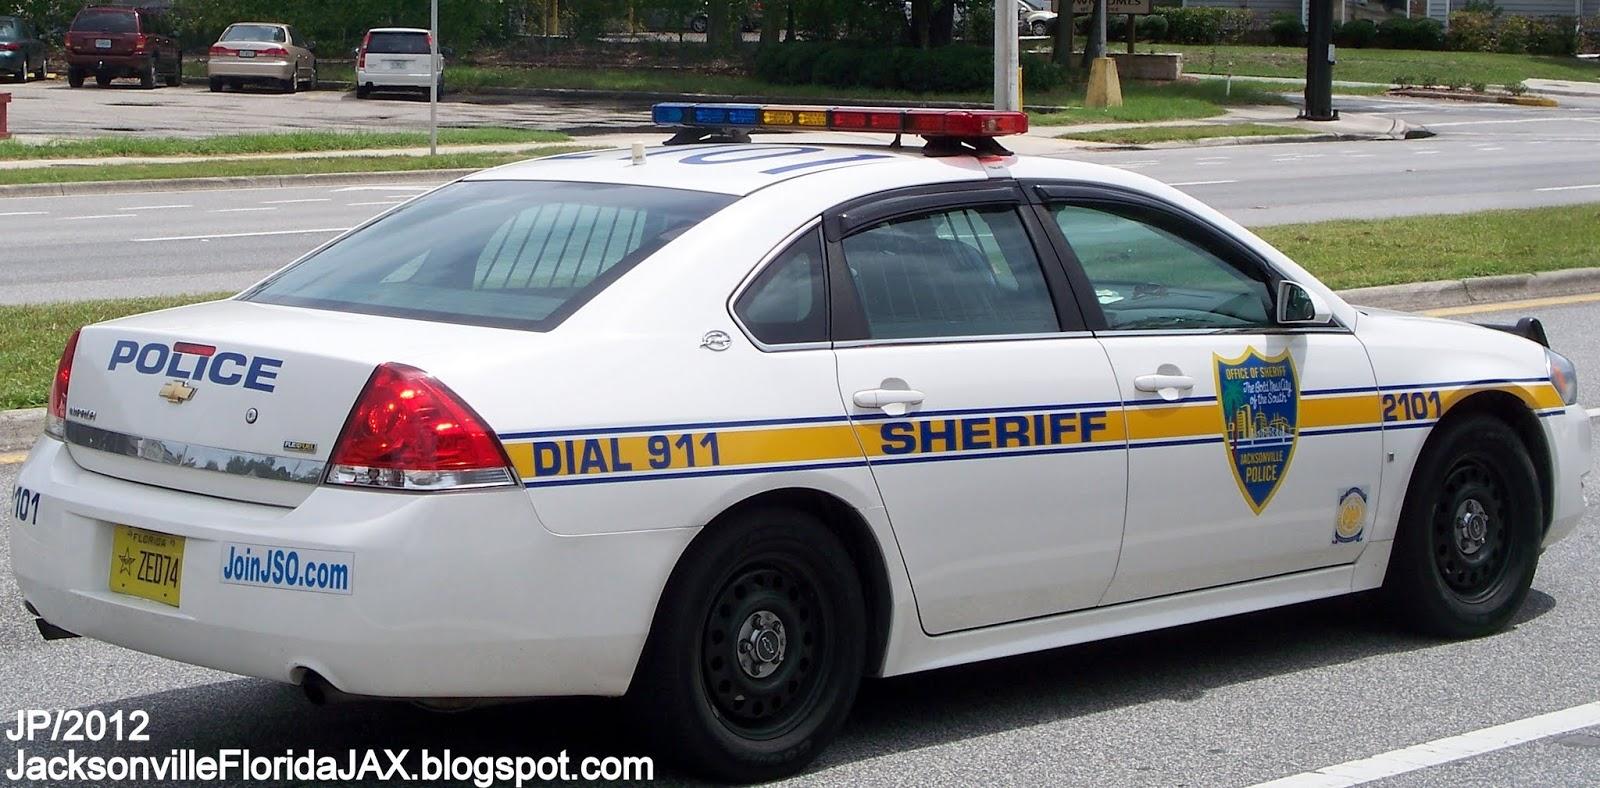 Police Dept. GA.FL.AL, Sheriff State Patrol Car Cops K-9 ...